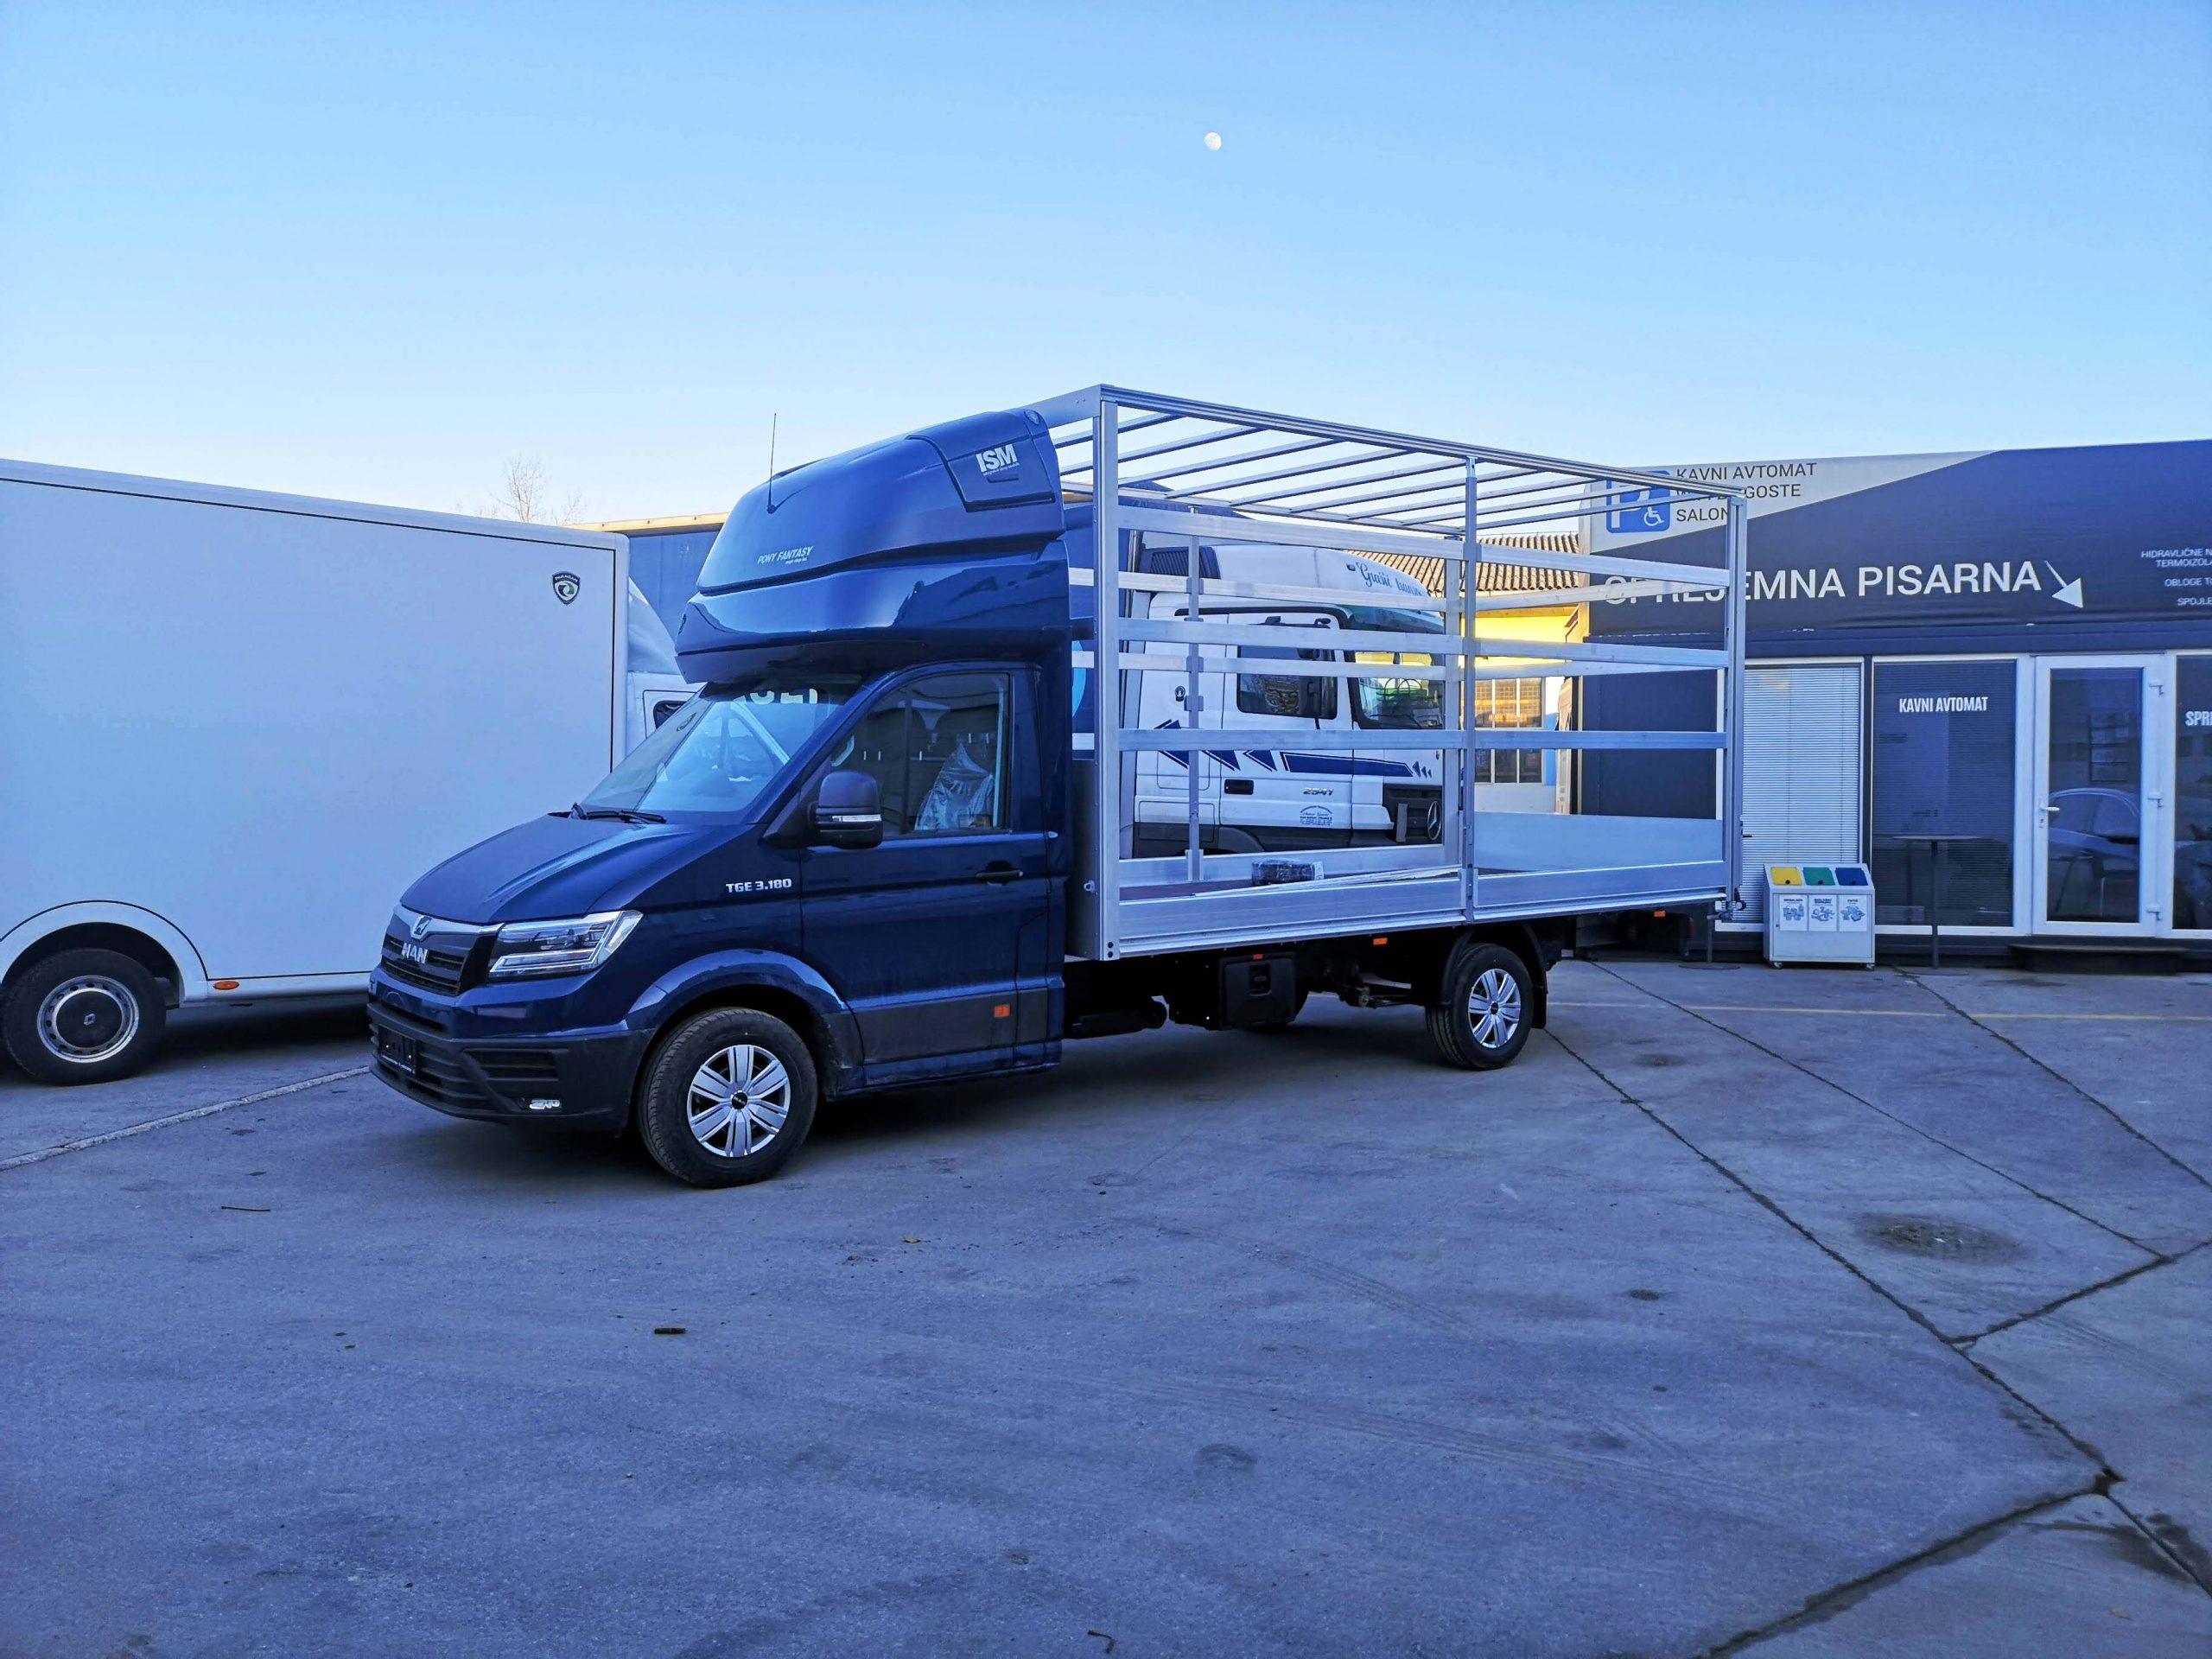 AMK nadgradnja in spalna kabina